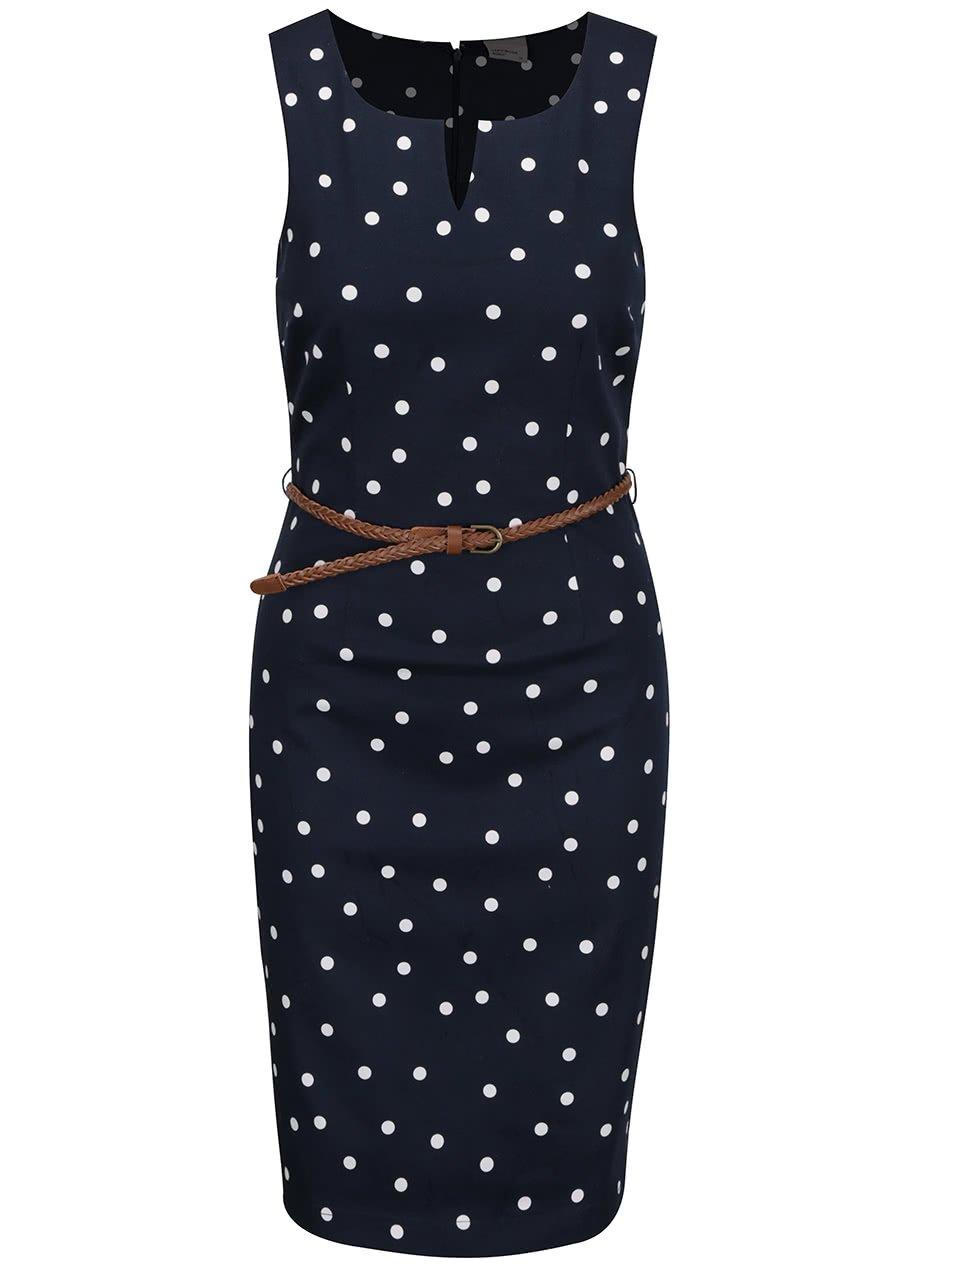 Krémovo-modré puntikované šaty s páskem Vero Moda Pekaya